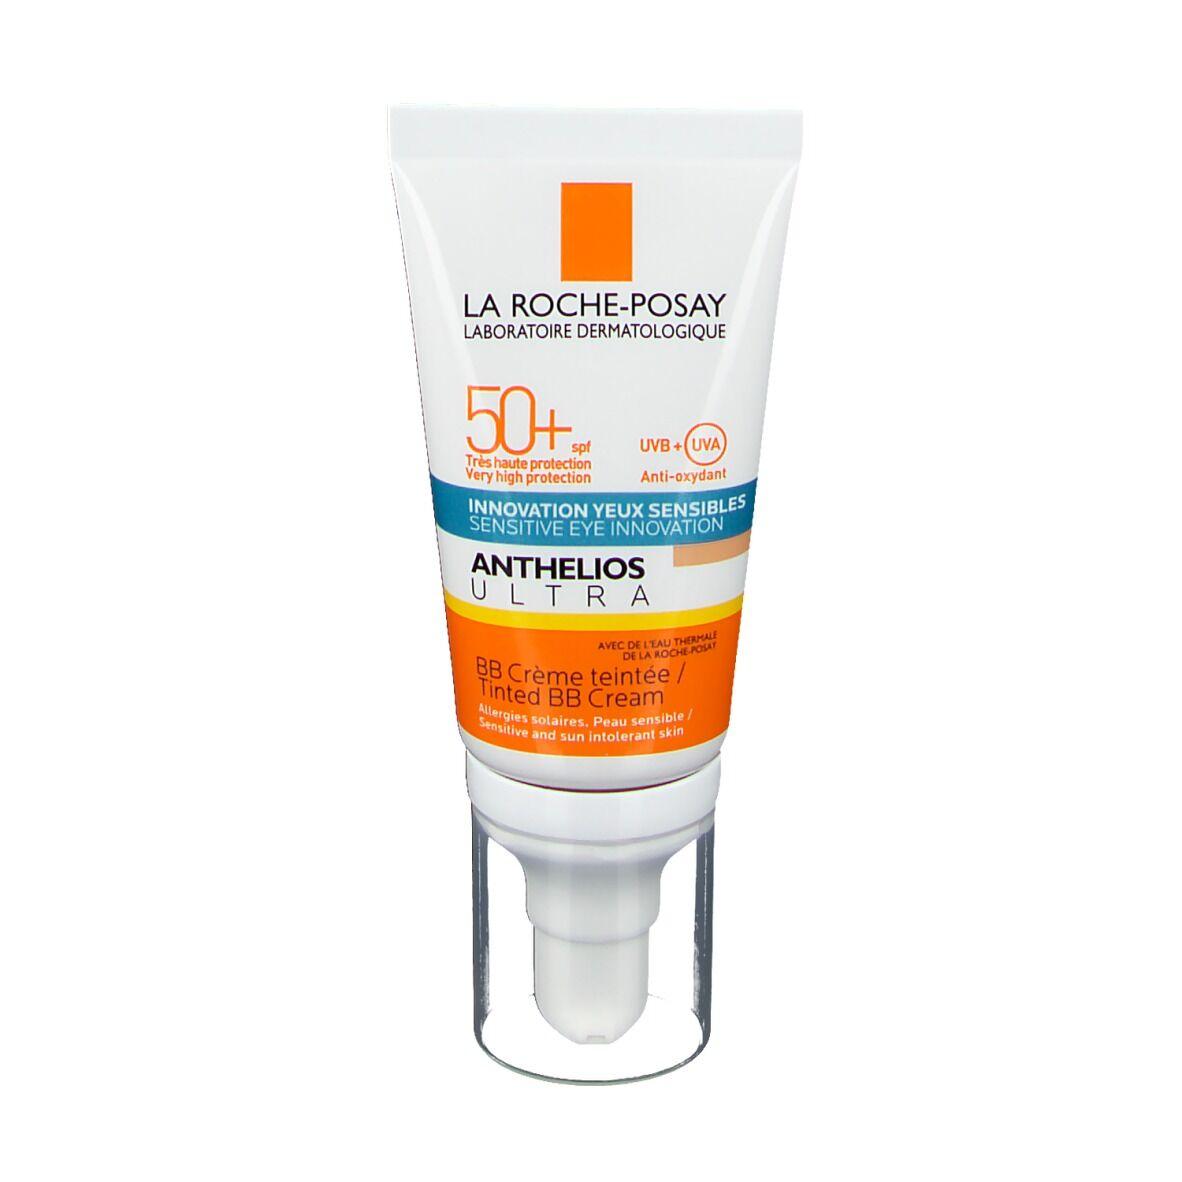 LA ROCHE POSAY ANTHELIOS ULTRA SPF50+ BB Crème teintée ml crème solaire